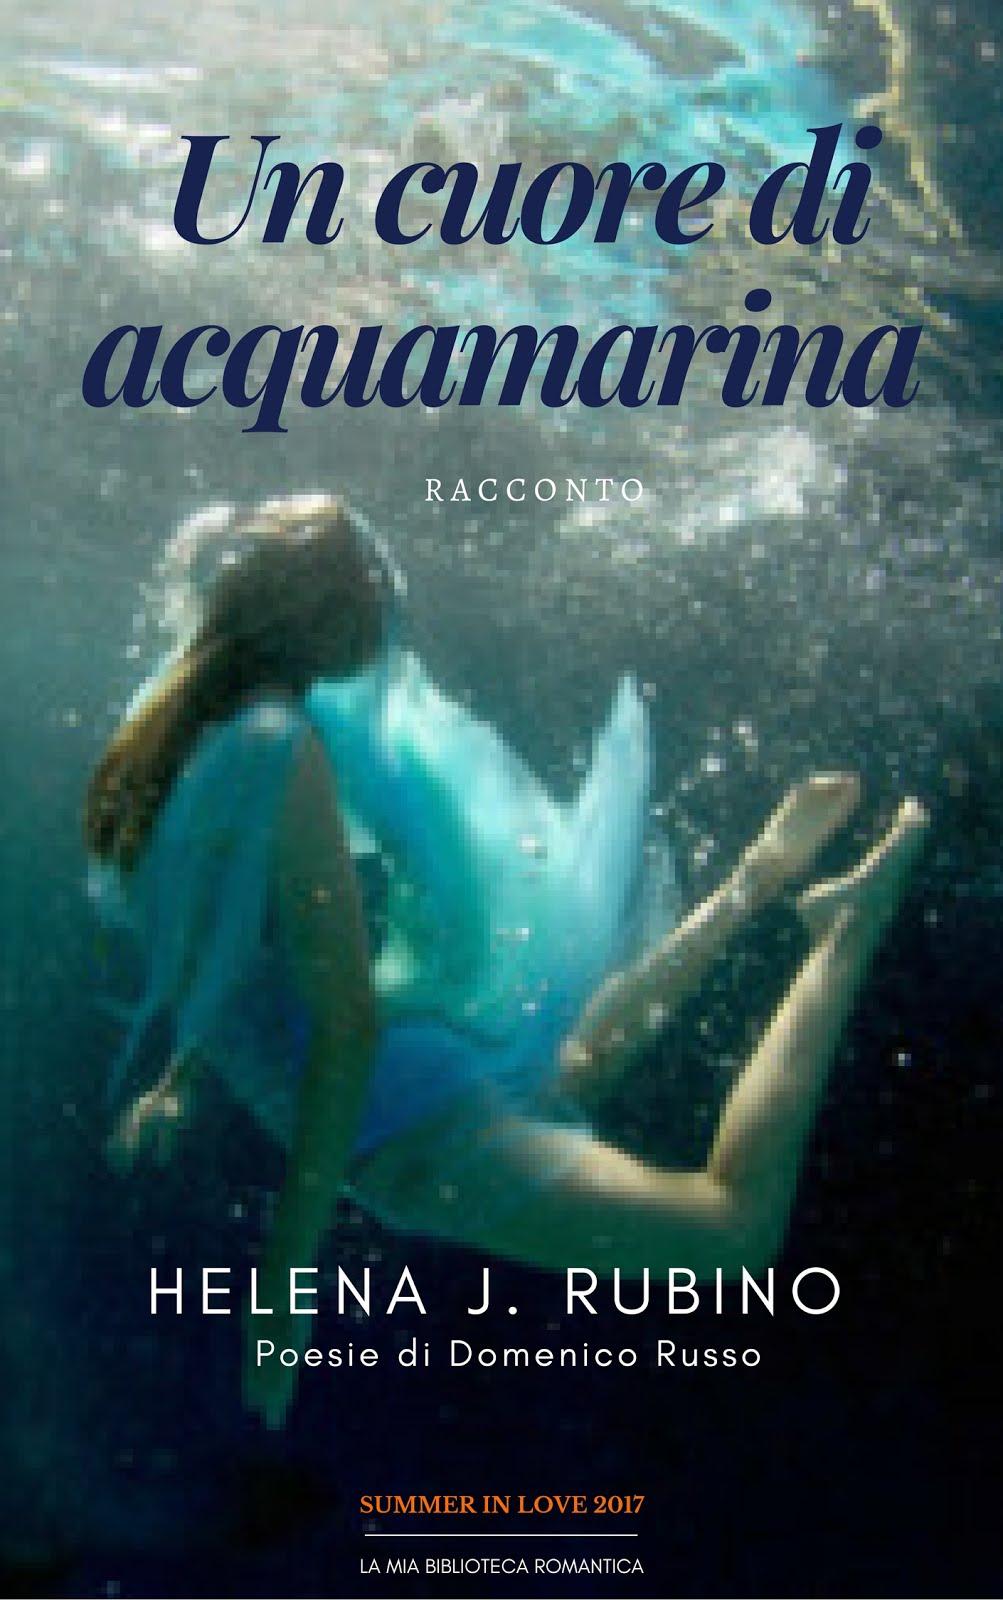 Helena J.Rubino